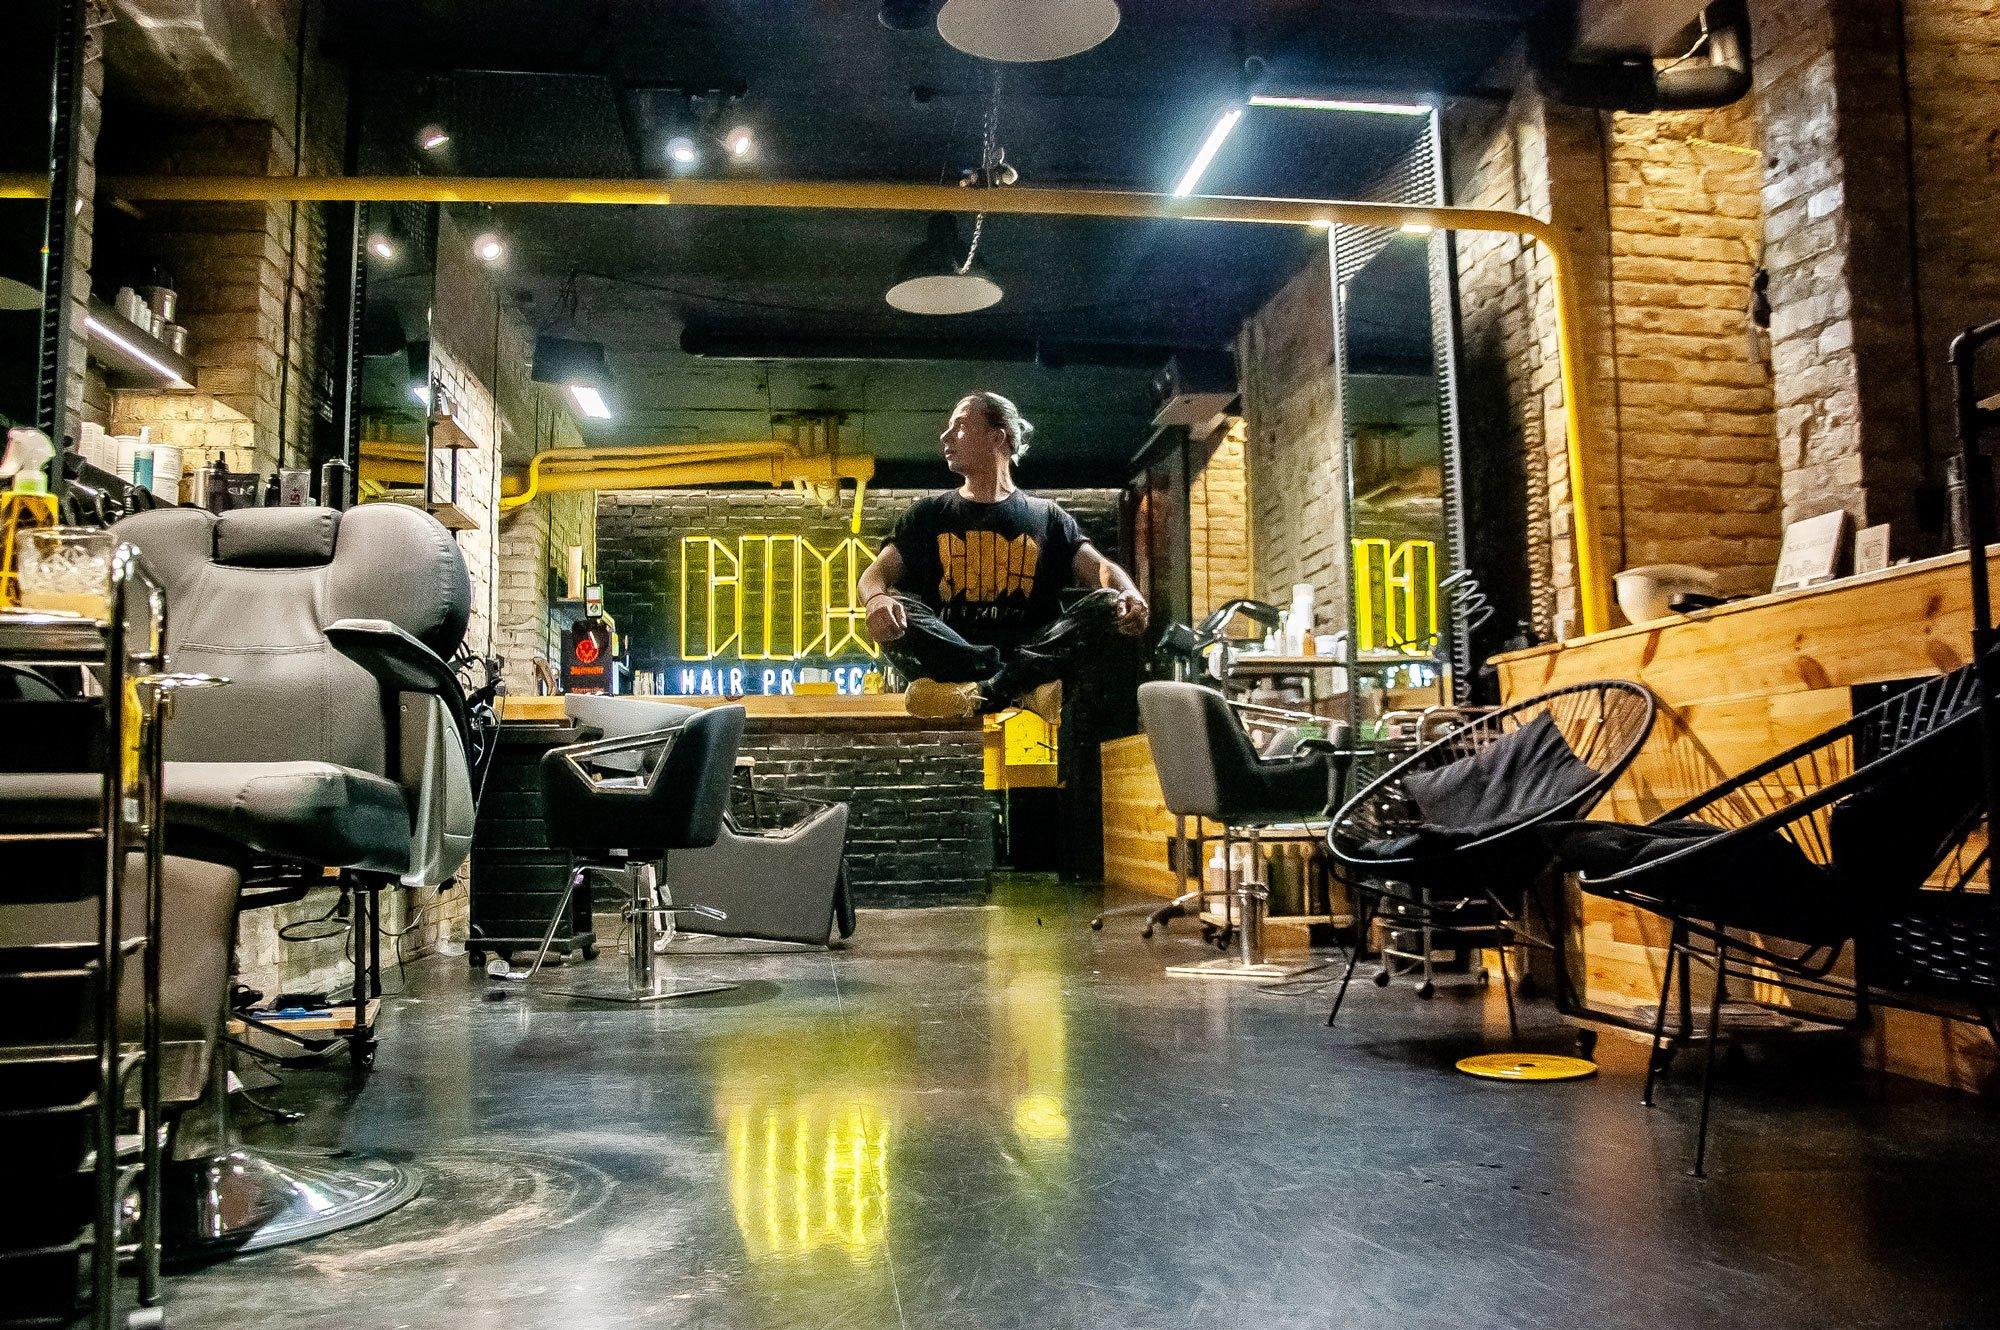 Підземелля, скелети і радикальна стрижка: як Kyivmaps побували в найбільш нестандартному салоні перукарських послуг